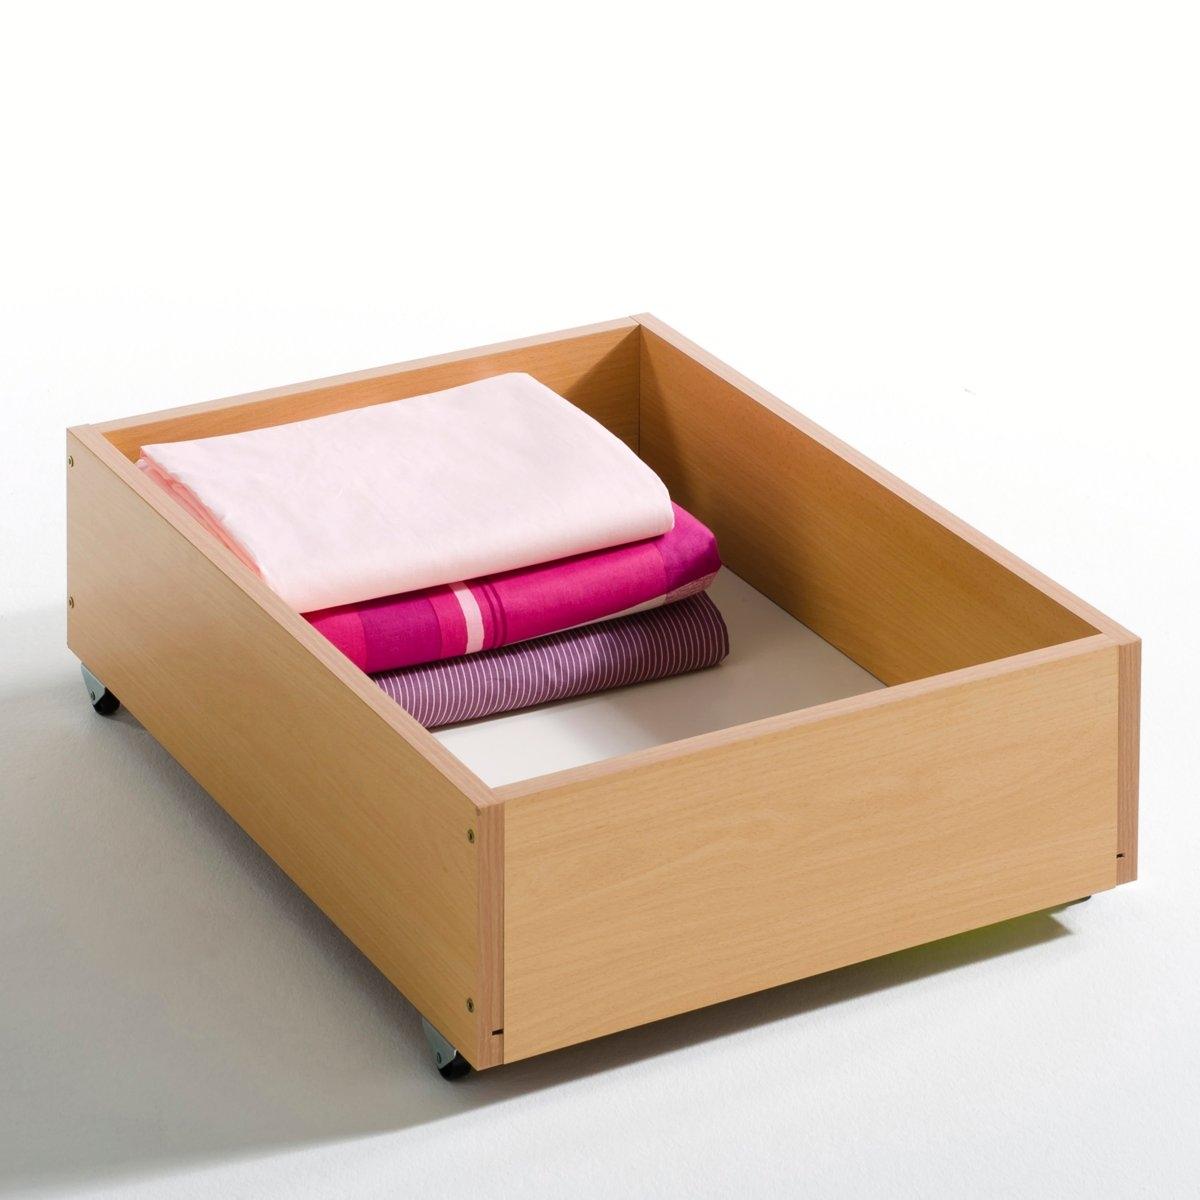 Ящик для хранения под диваномЯщик для хранения на колесах: специально создан для удобного хранения под диваном BZ и экипирован колесами. Европейское производство. Размеры ящика для хранения под диваном BZ:Высота: 13 см.Глубина: 56 см.3 шириныРазмер 90: ширина внутри 41 см.Размер 140: ширина внутри 87 см.Размер 160: ширина внутри 97 см.Описание ящика для хранения под диваном BZ:специально создан для удобного хранения под диваном BZ и экипирован колесами.Характеристики ящика для хранения под диваном BZ:выполнен из ДСП.Другие модели коллекции BZ на сайте laredoute.ruРазмеры и вес коробки:1 коробкаРазмер 90: Д. 73 x В. 3,5 x Г. 61 см, 5 кг.Размер 140: Д. 110 x В. 3,5 x Г. 61 см, 8 кг.Размер 160: Д. 110 x В. 3,5 x Г. 61 см, 9 кгДоставка:Данная модель требует самостоятельной сборки. Доставка осуществляется до квартиры по предварительной договоренности!Внимание! Убедитесь в том, что посылку возможно доставить на дом, учитывая ее габариты.<br><br>Цвет: светлое дерево бук<br>Размер: 90